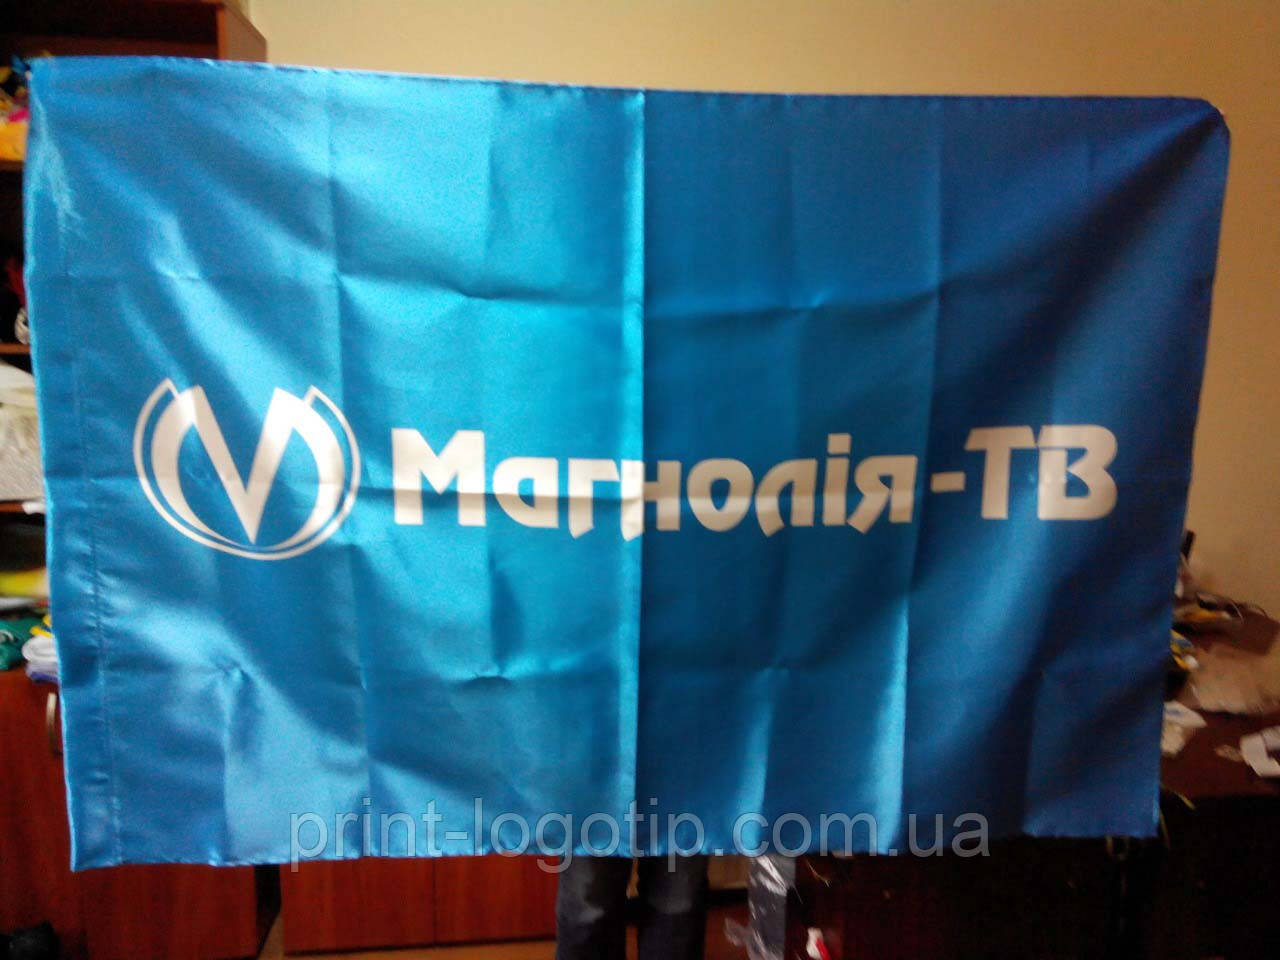 Разработка макета флага. Флаг с логотипом в Киеве